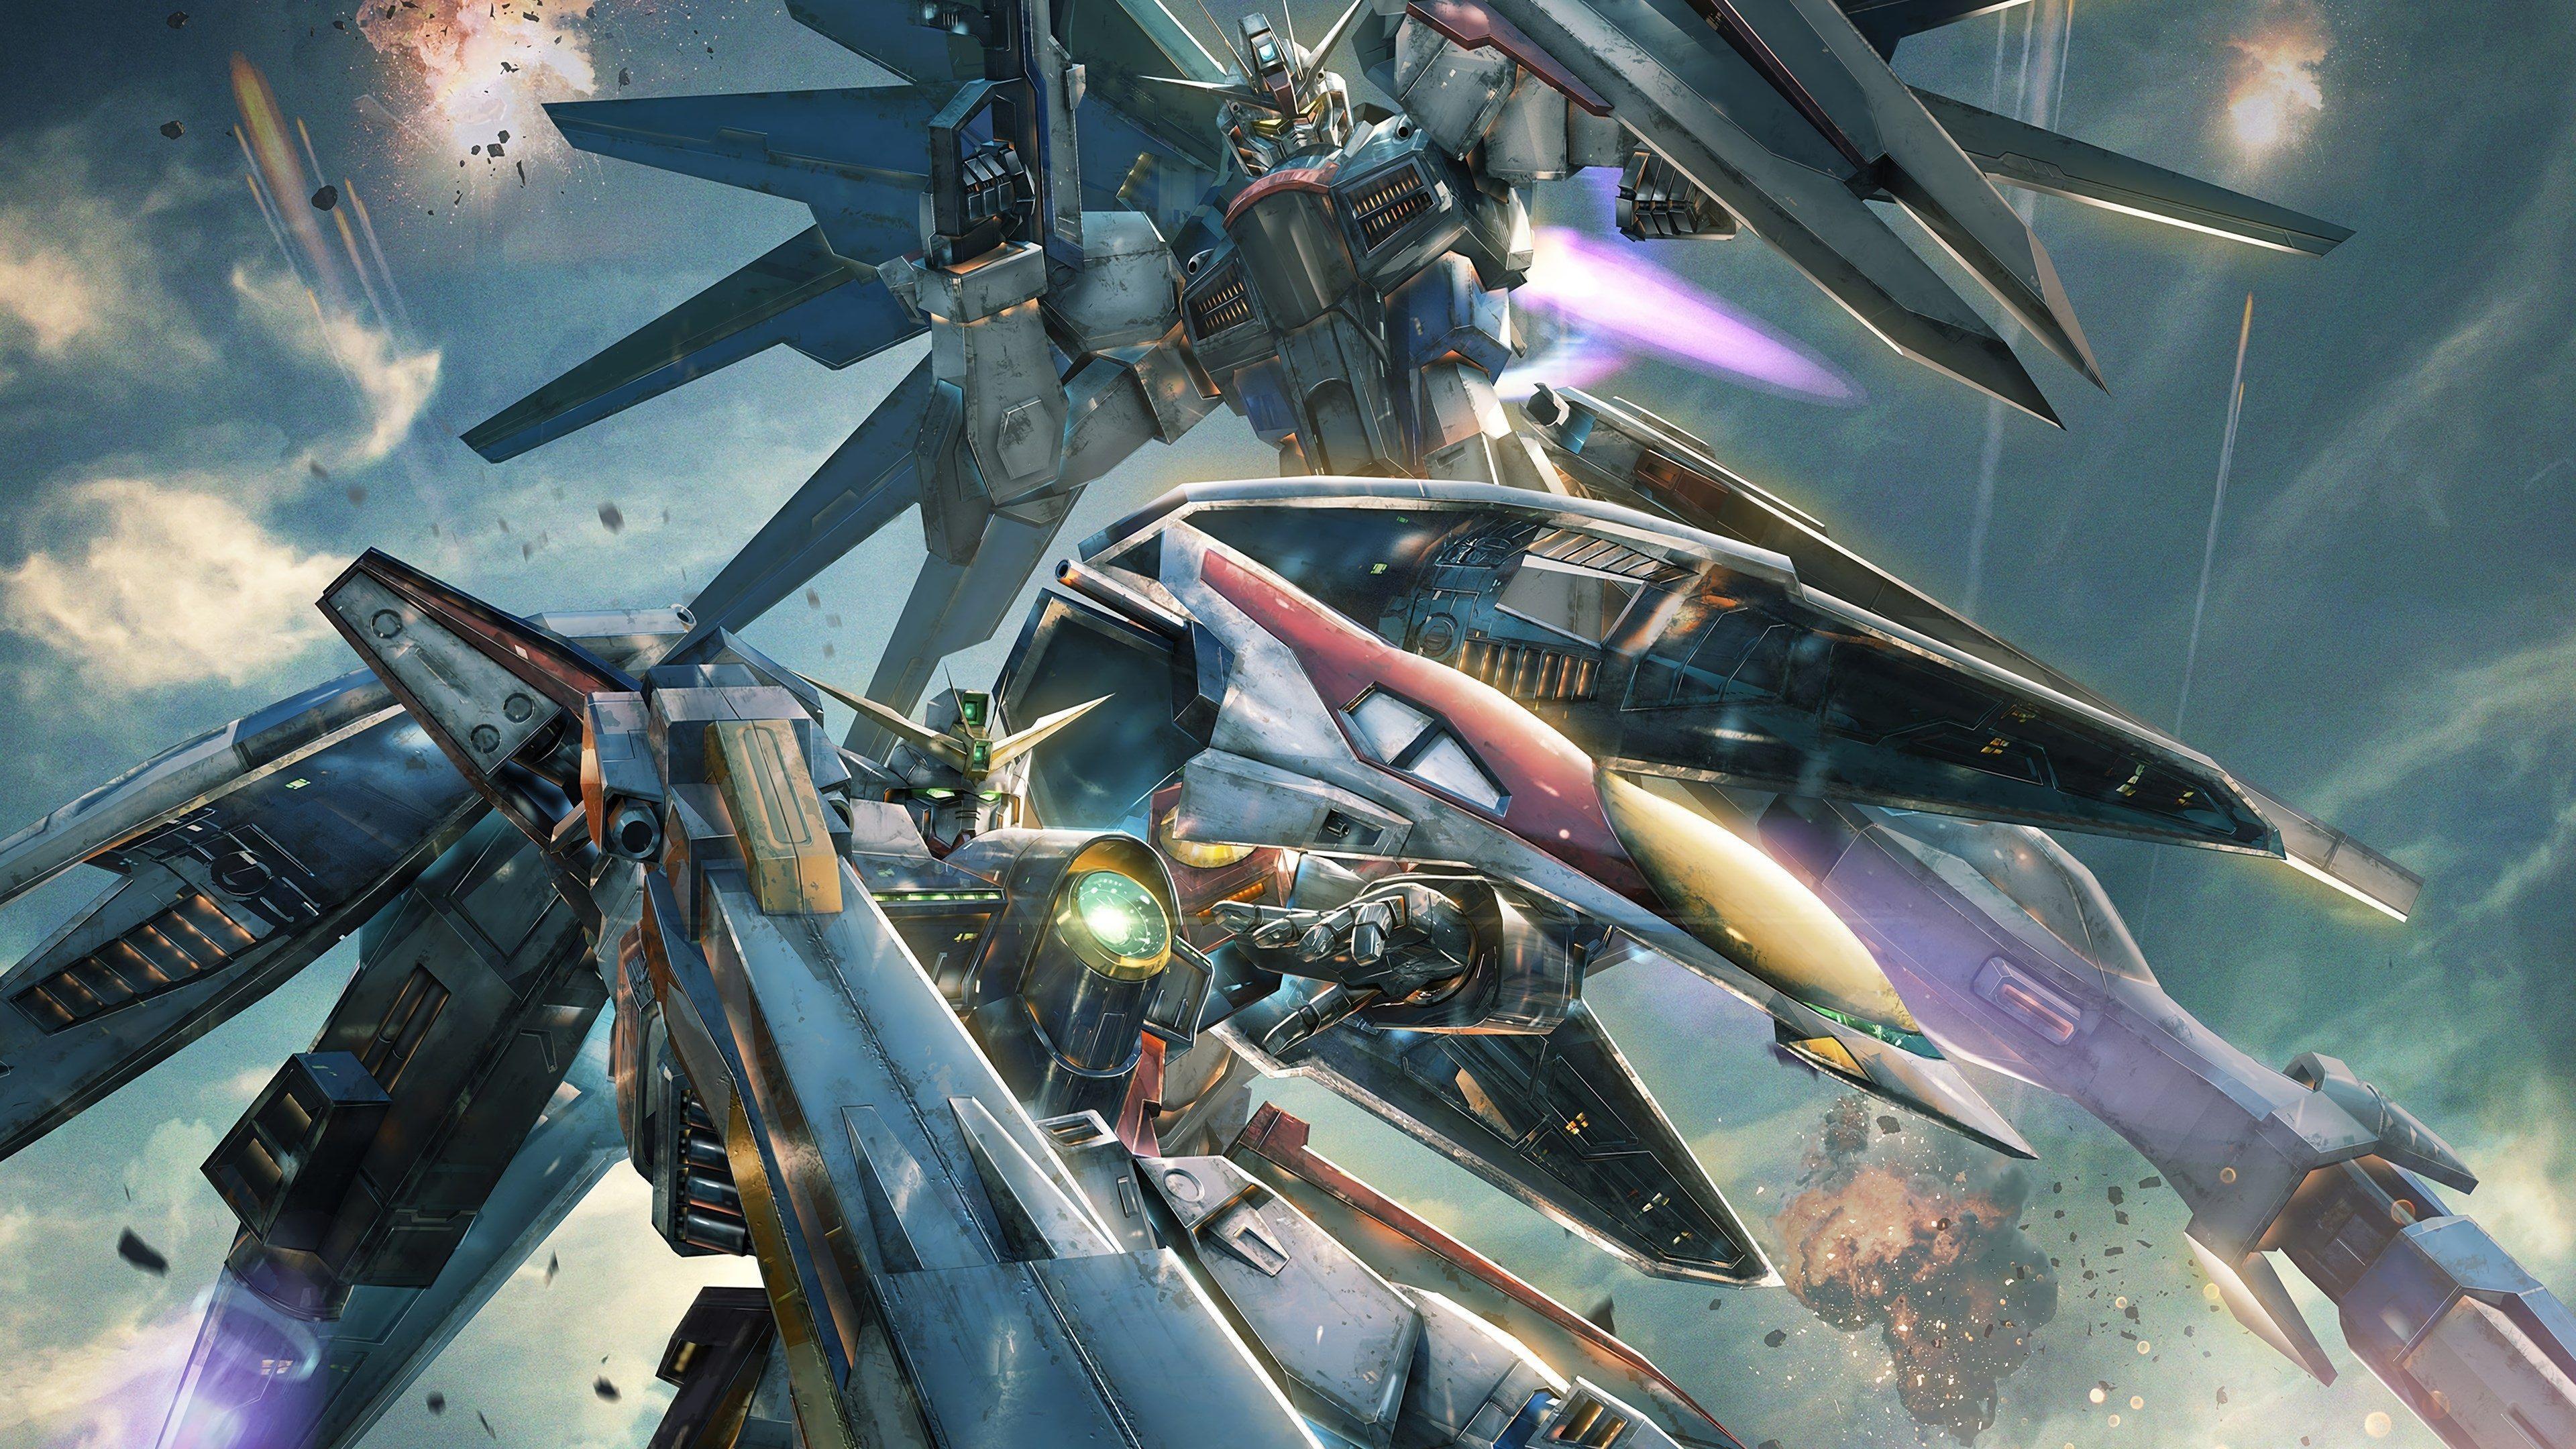 Gundam 4k Wallpapers Top Free Gundam 4k Backgrounds Wallpaperaccess